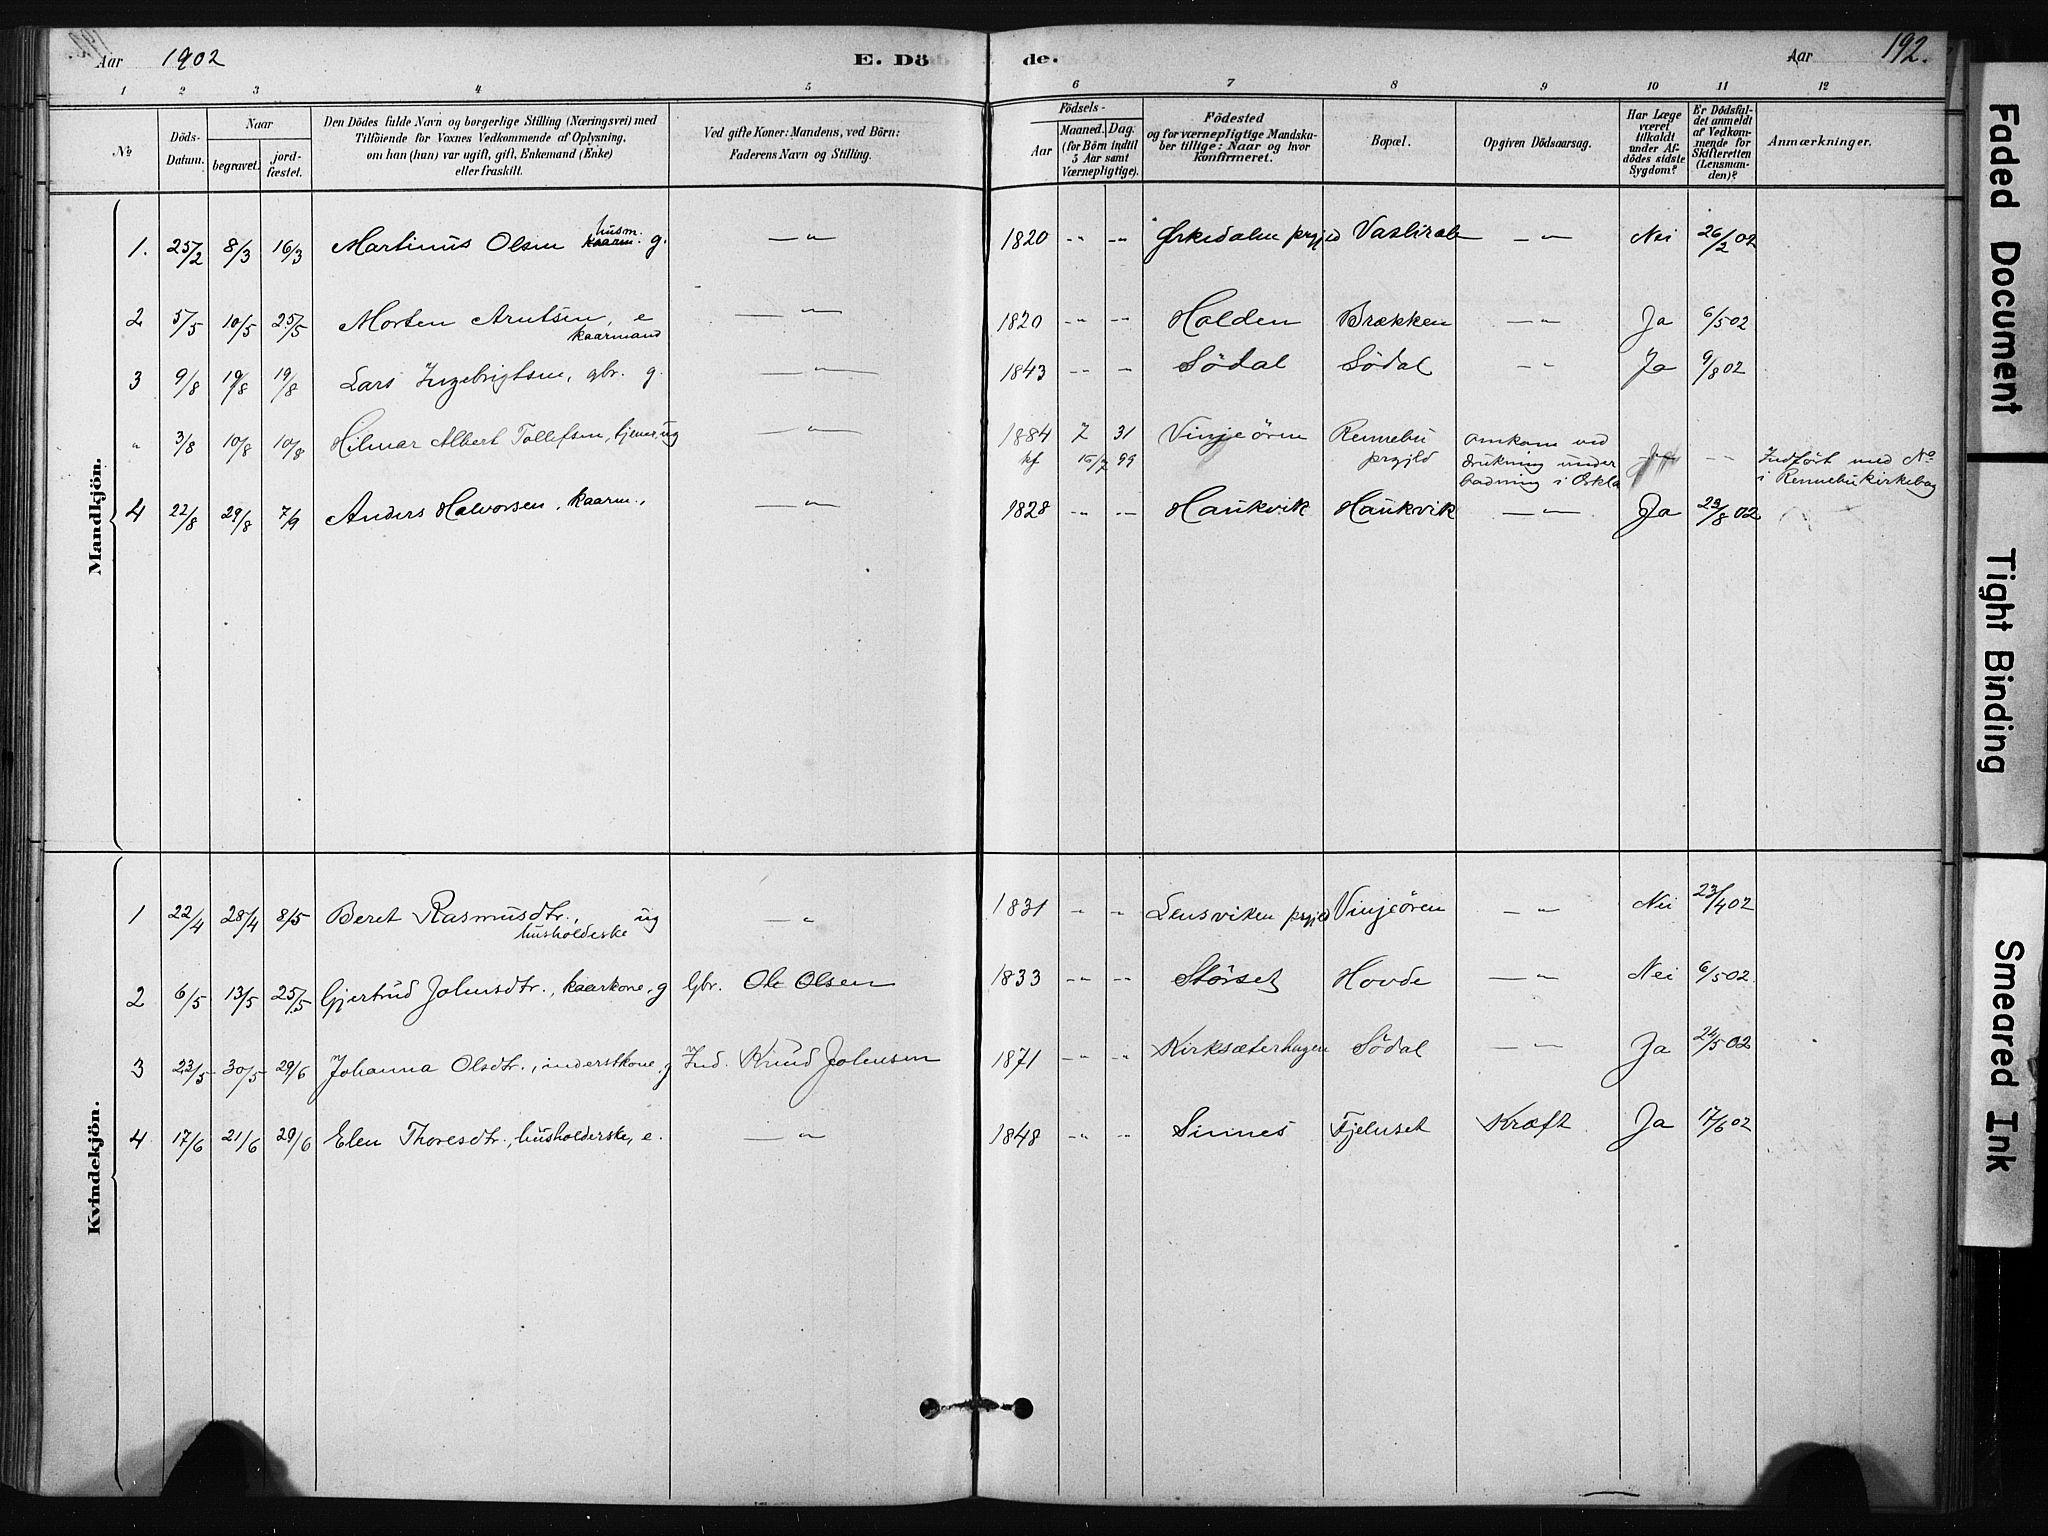 SAT, Ministerialprotokoller, klokkerbøker og fødselsregistre - Sør-Trøndelag, 631/L0512: Ministerialbok nr. 631A01, 1879-1912, s. 192